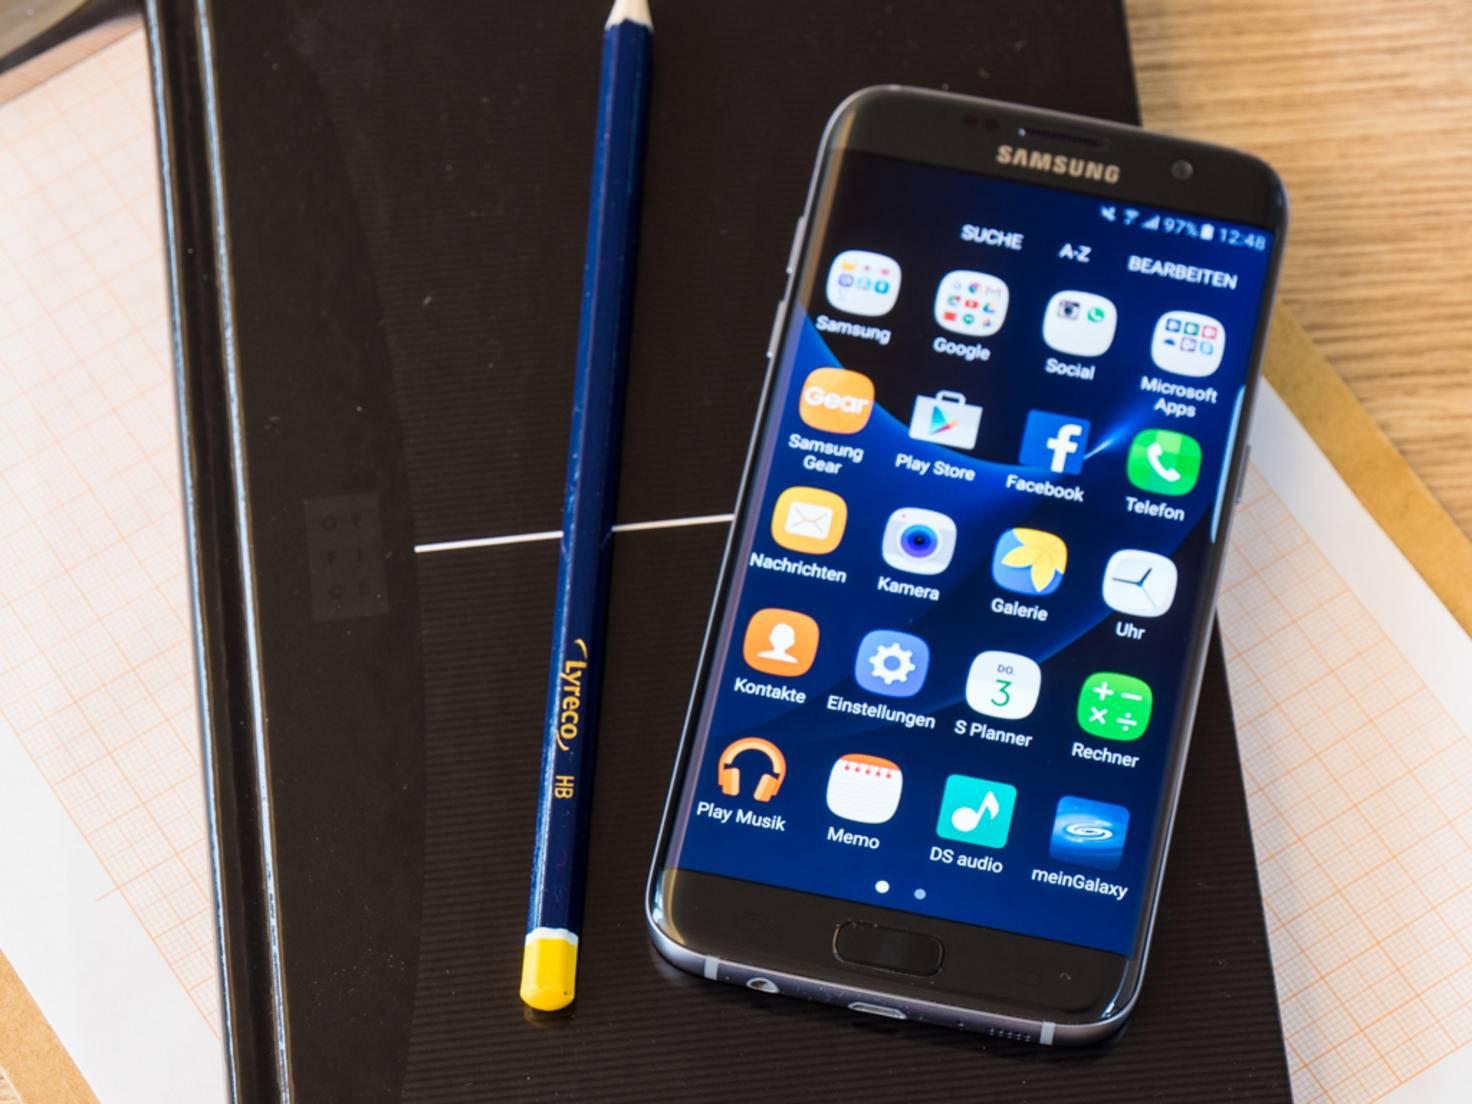 Ab 699 Euro gibt es also ein rundum gelungenes Smartphone.